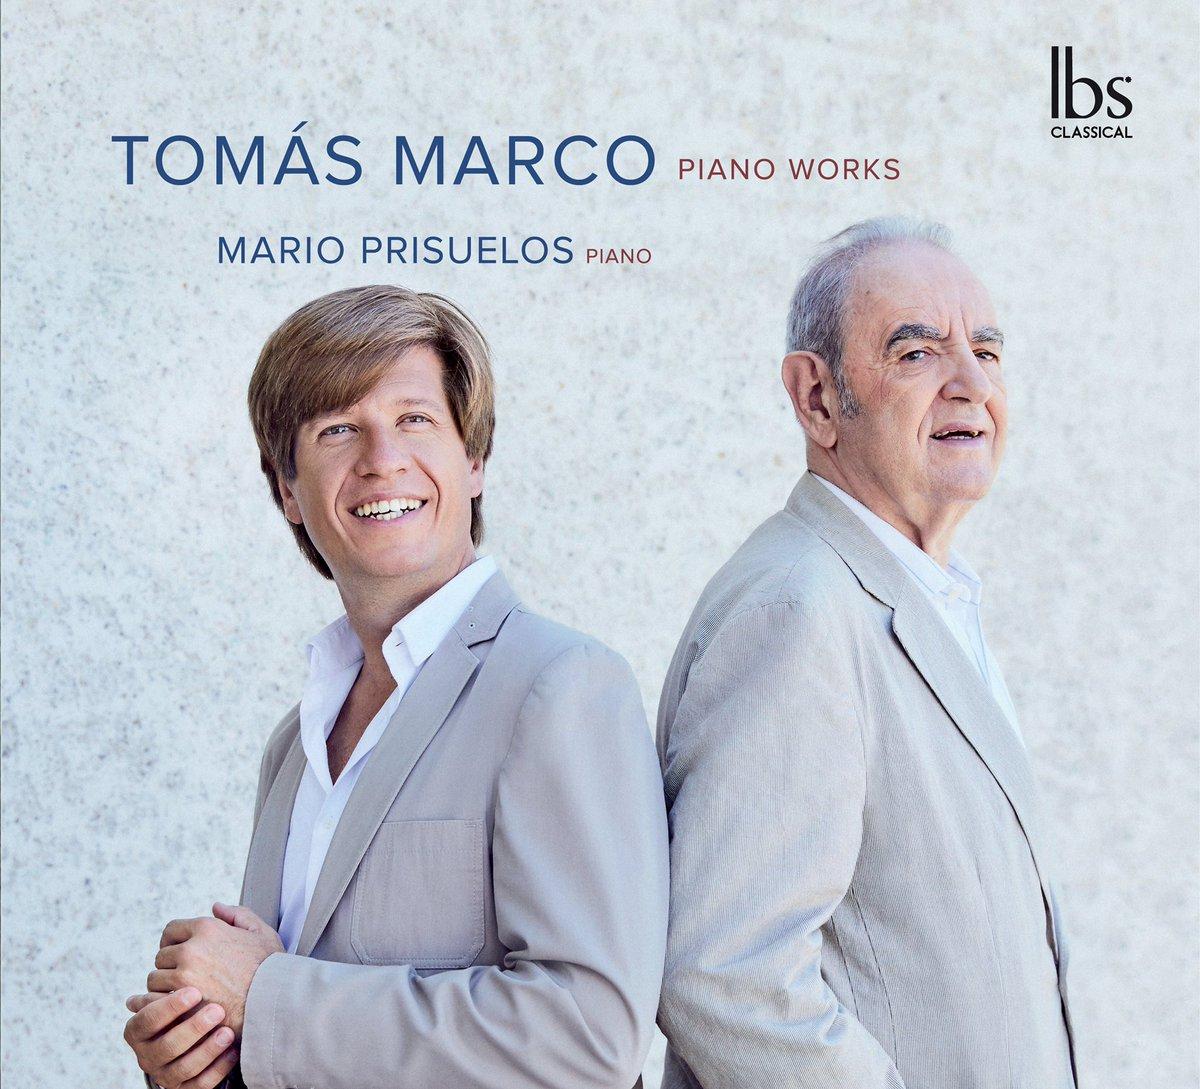 Tomas Marco